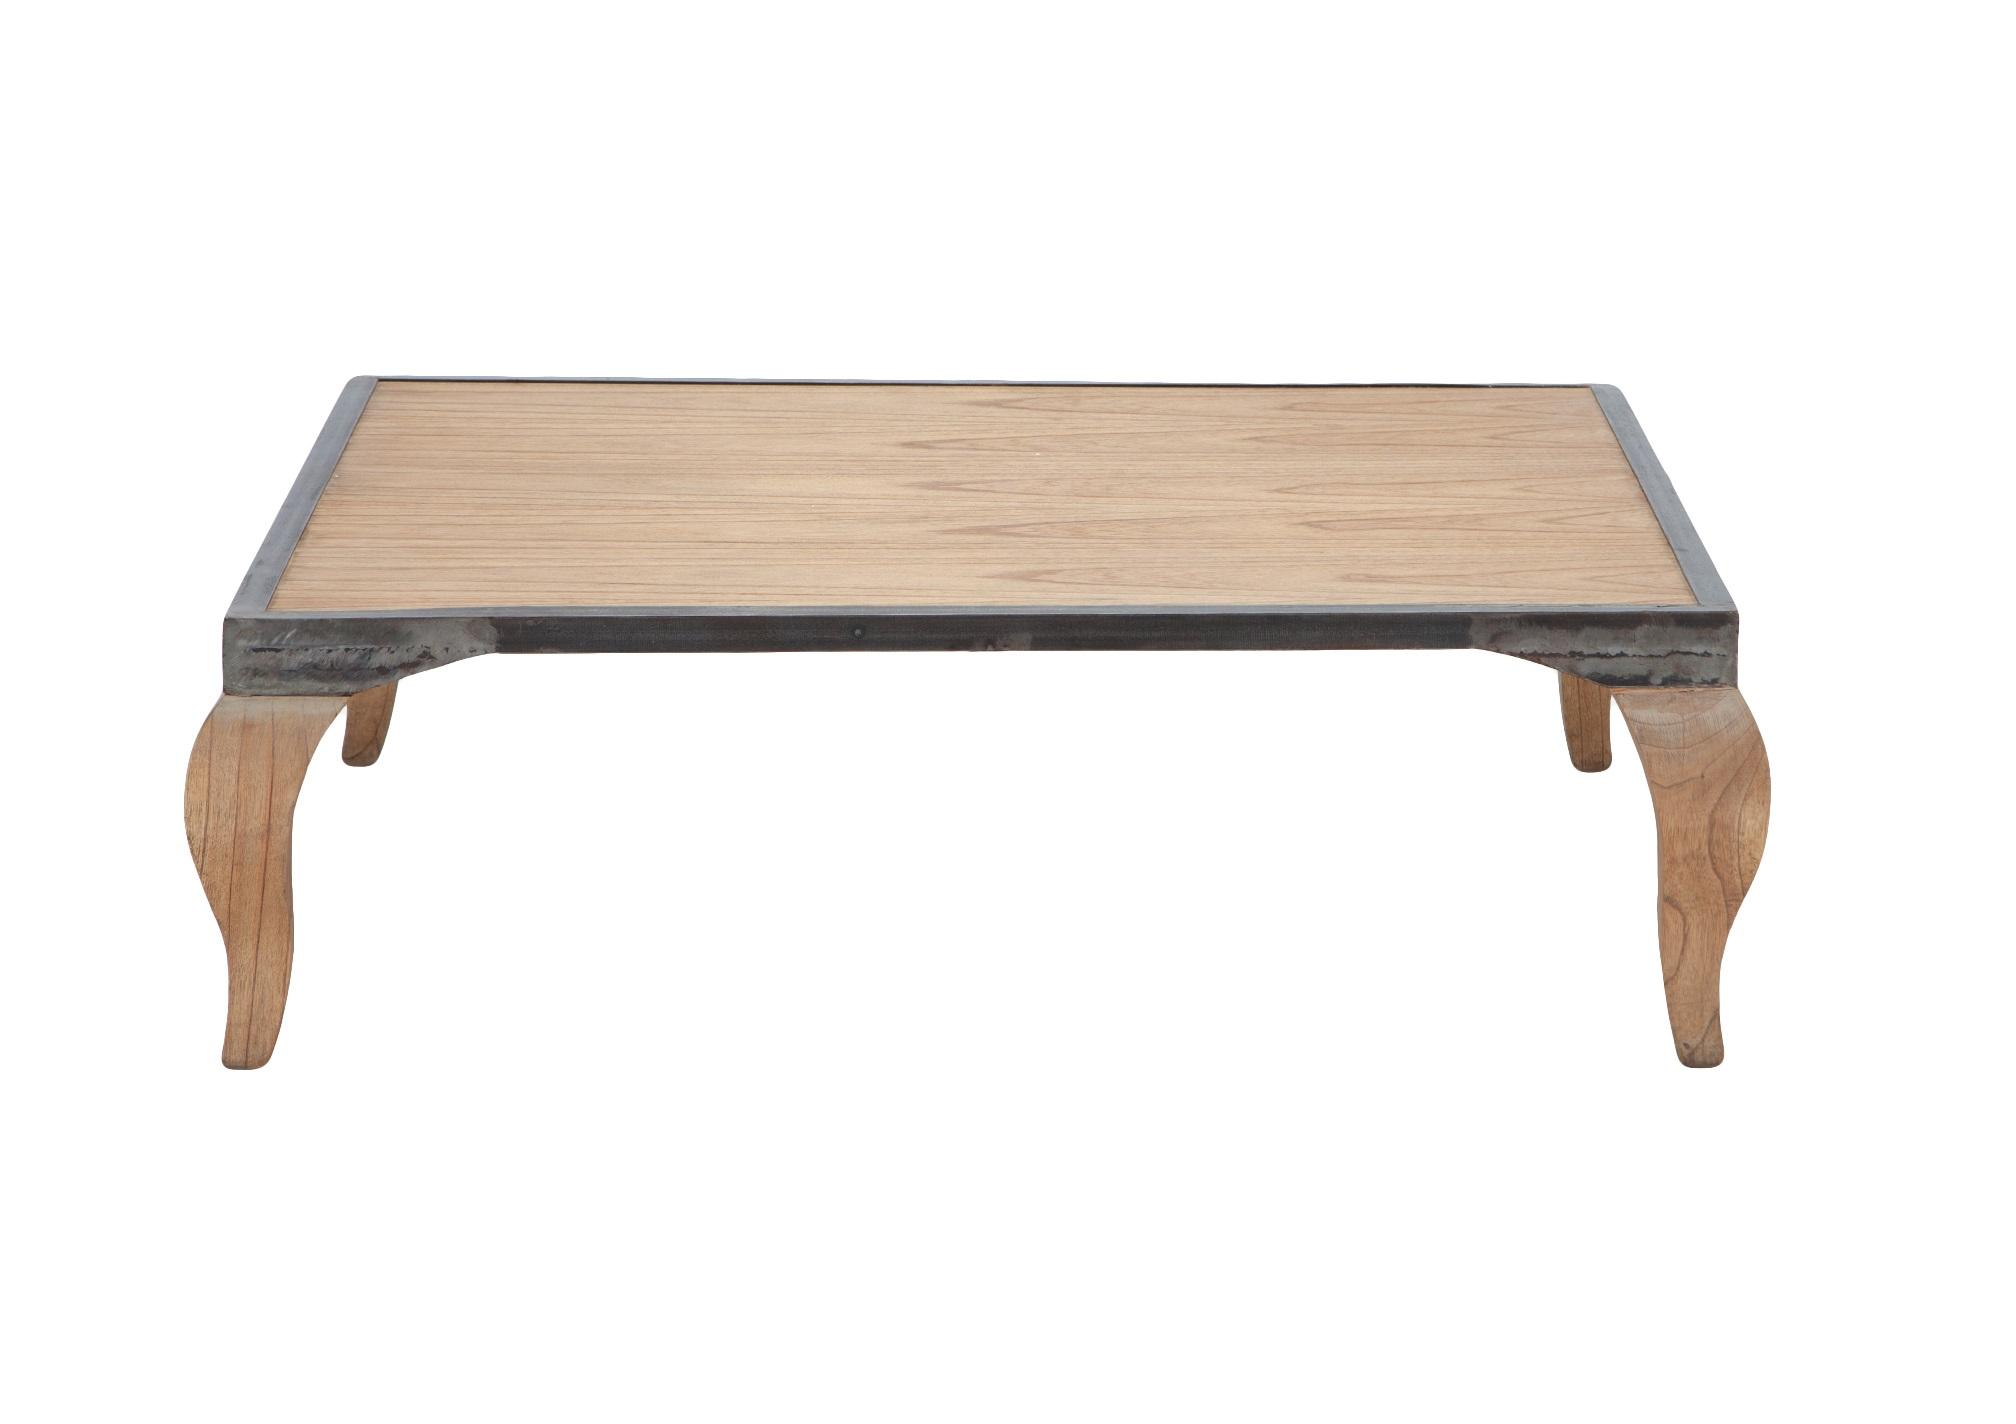 Столик кофейный «Клео»Кофейные столики<br>Столик кофейный квадратный из дерева махагони, декорирован металлом.<br><br>Material: Красное дерево<br>Length см: 115<br>Width см: 115<br>Height см: 35